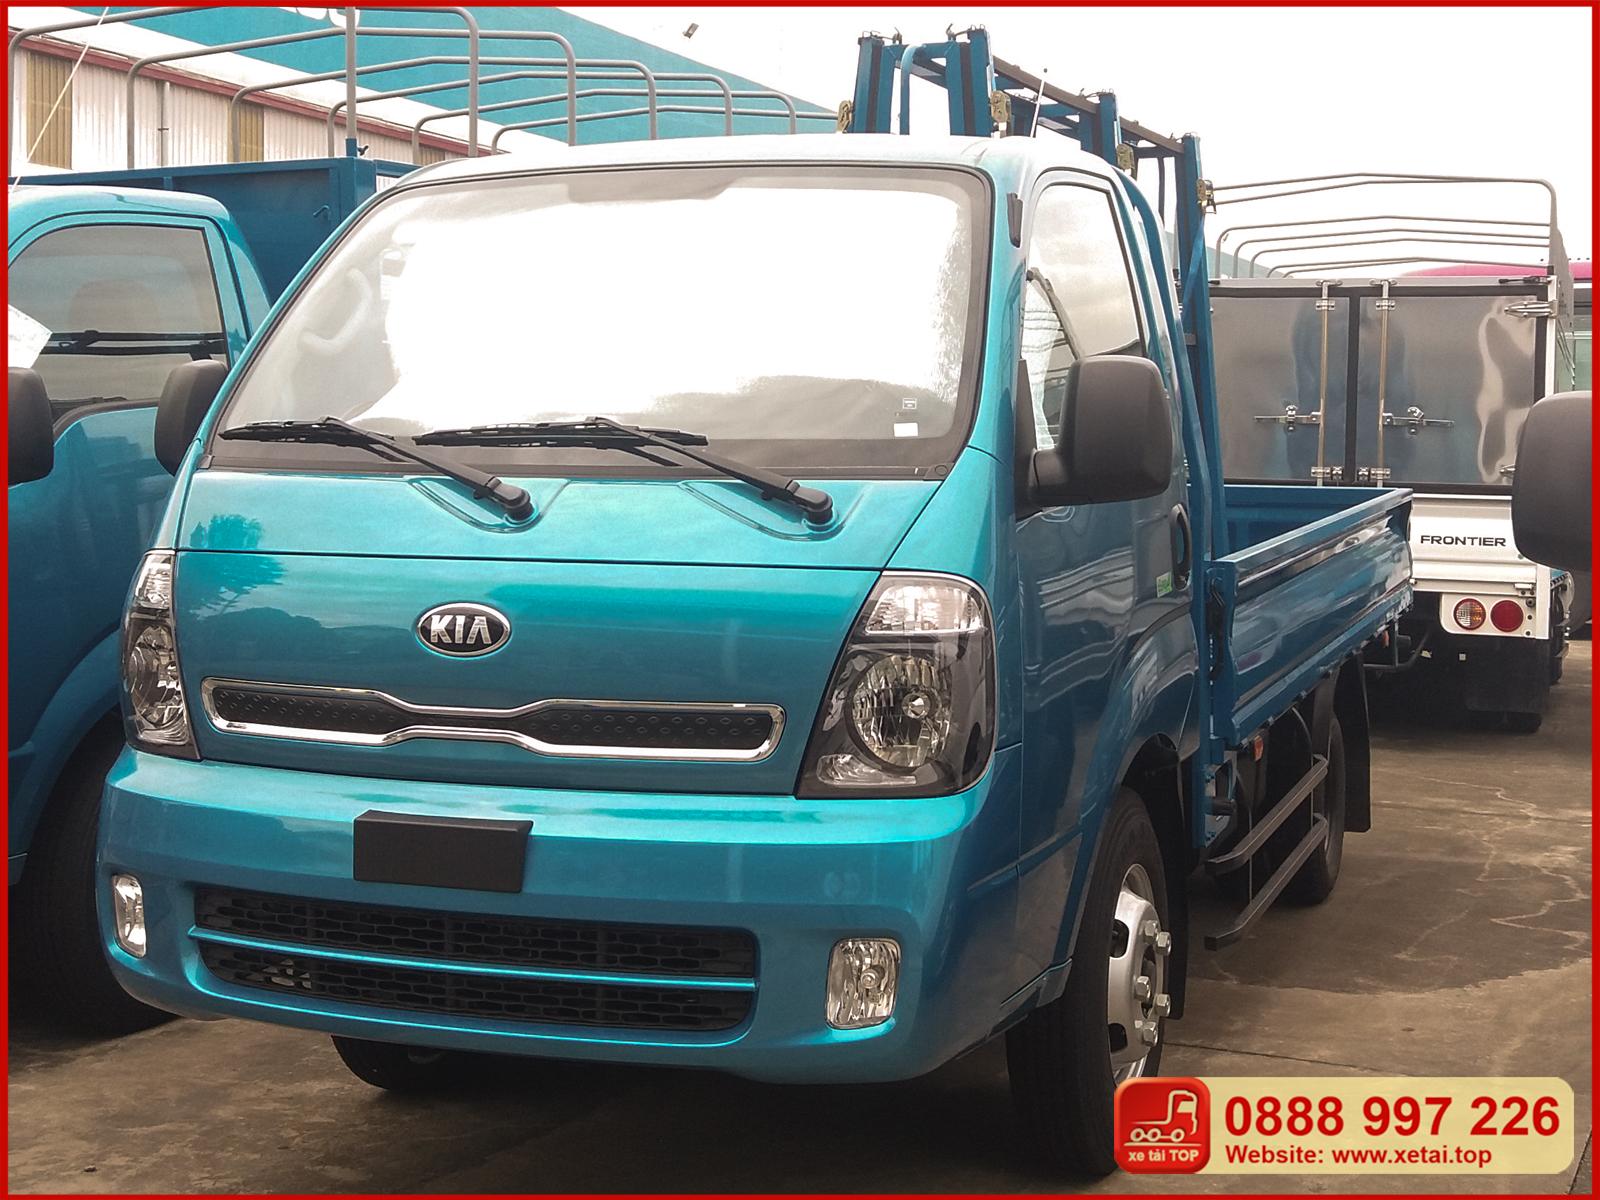 xe-tải-kia-thaco-giá-chữ-a-chở-kính-tải-2.4-tấn